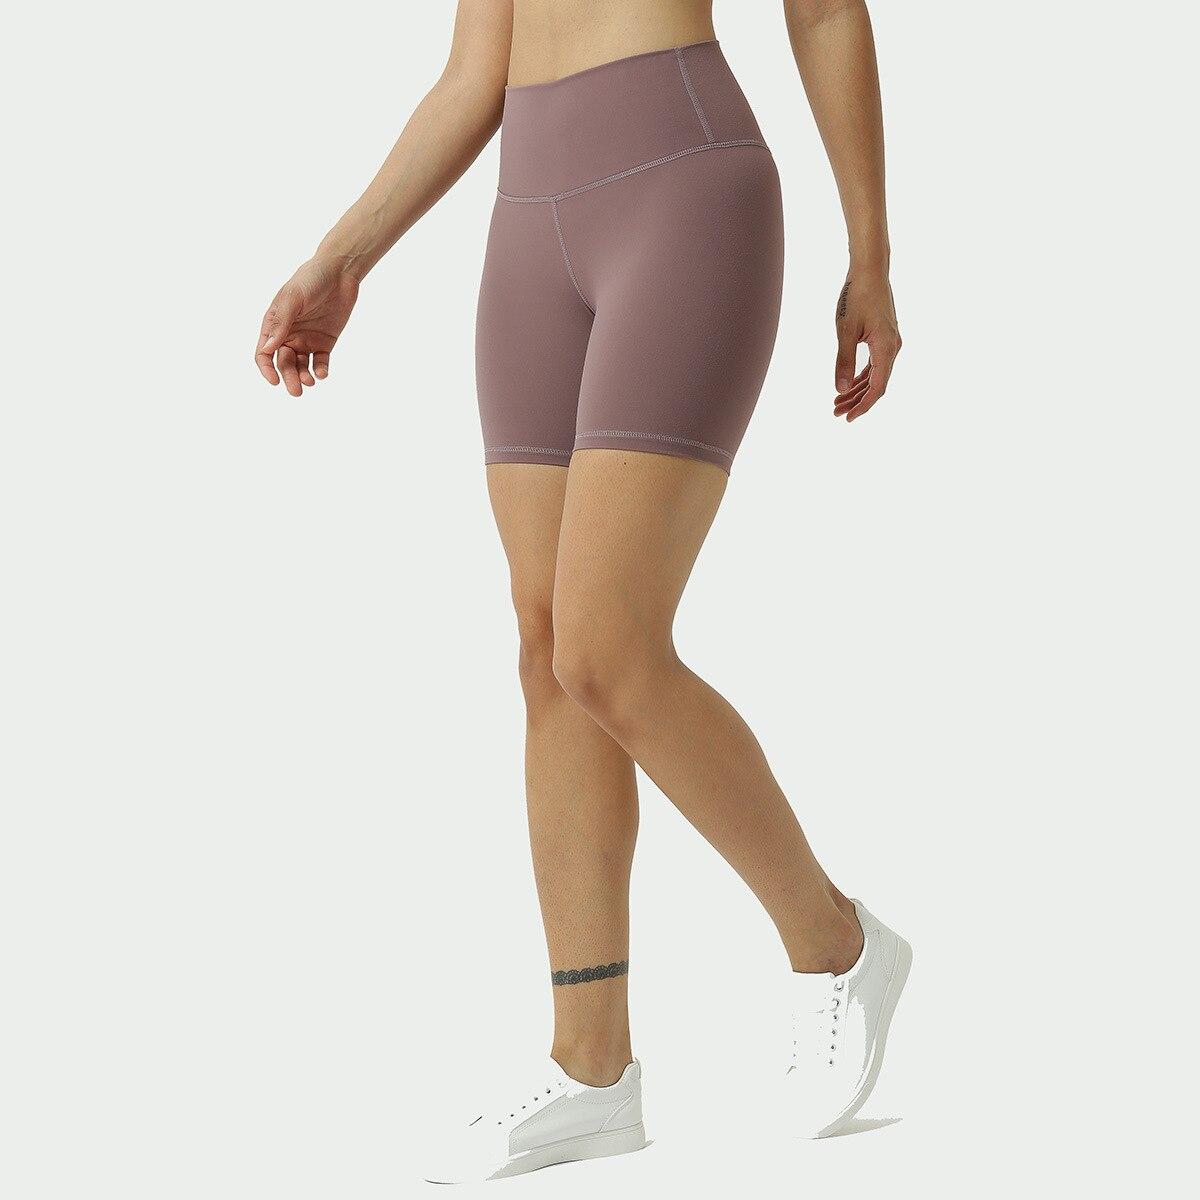 New Style Sports Yoga Shorts Women's Double-Sided Brushed Bare Sense Running Shorts High-waisted Bum Lift Shorts